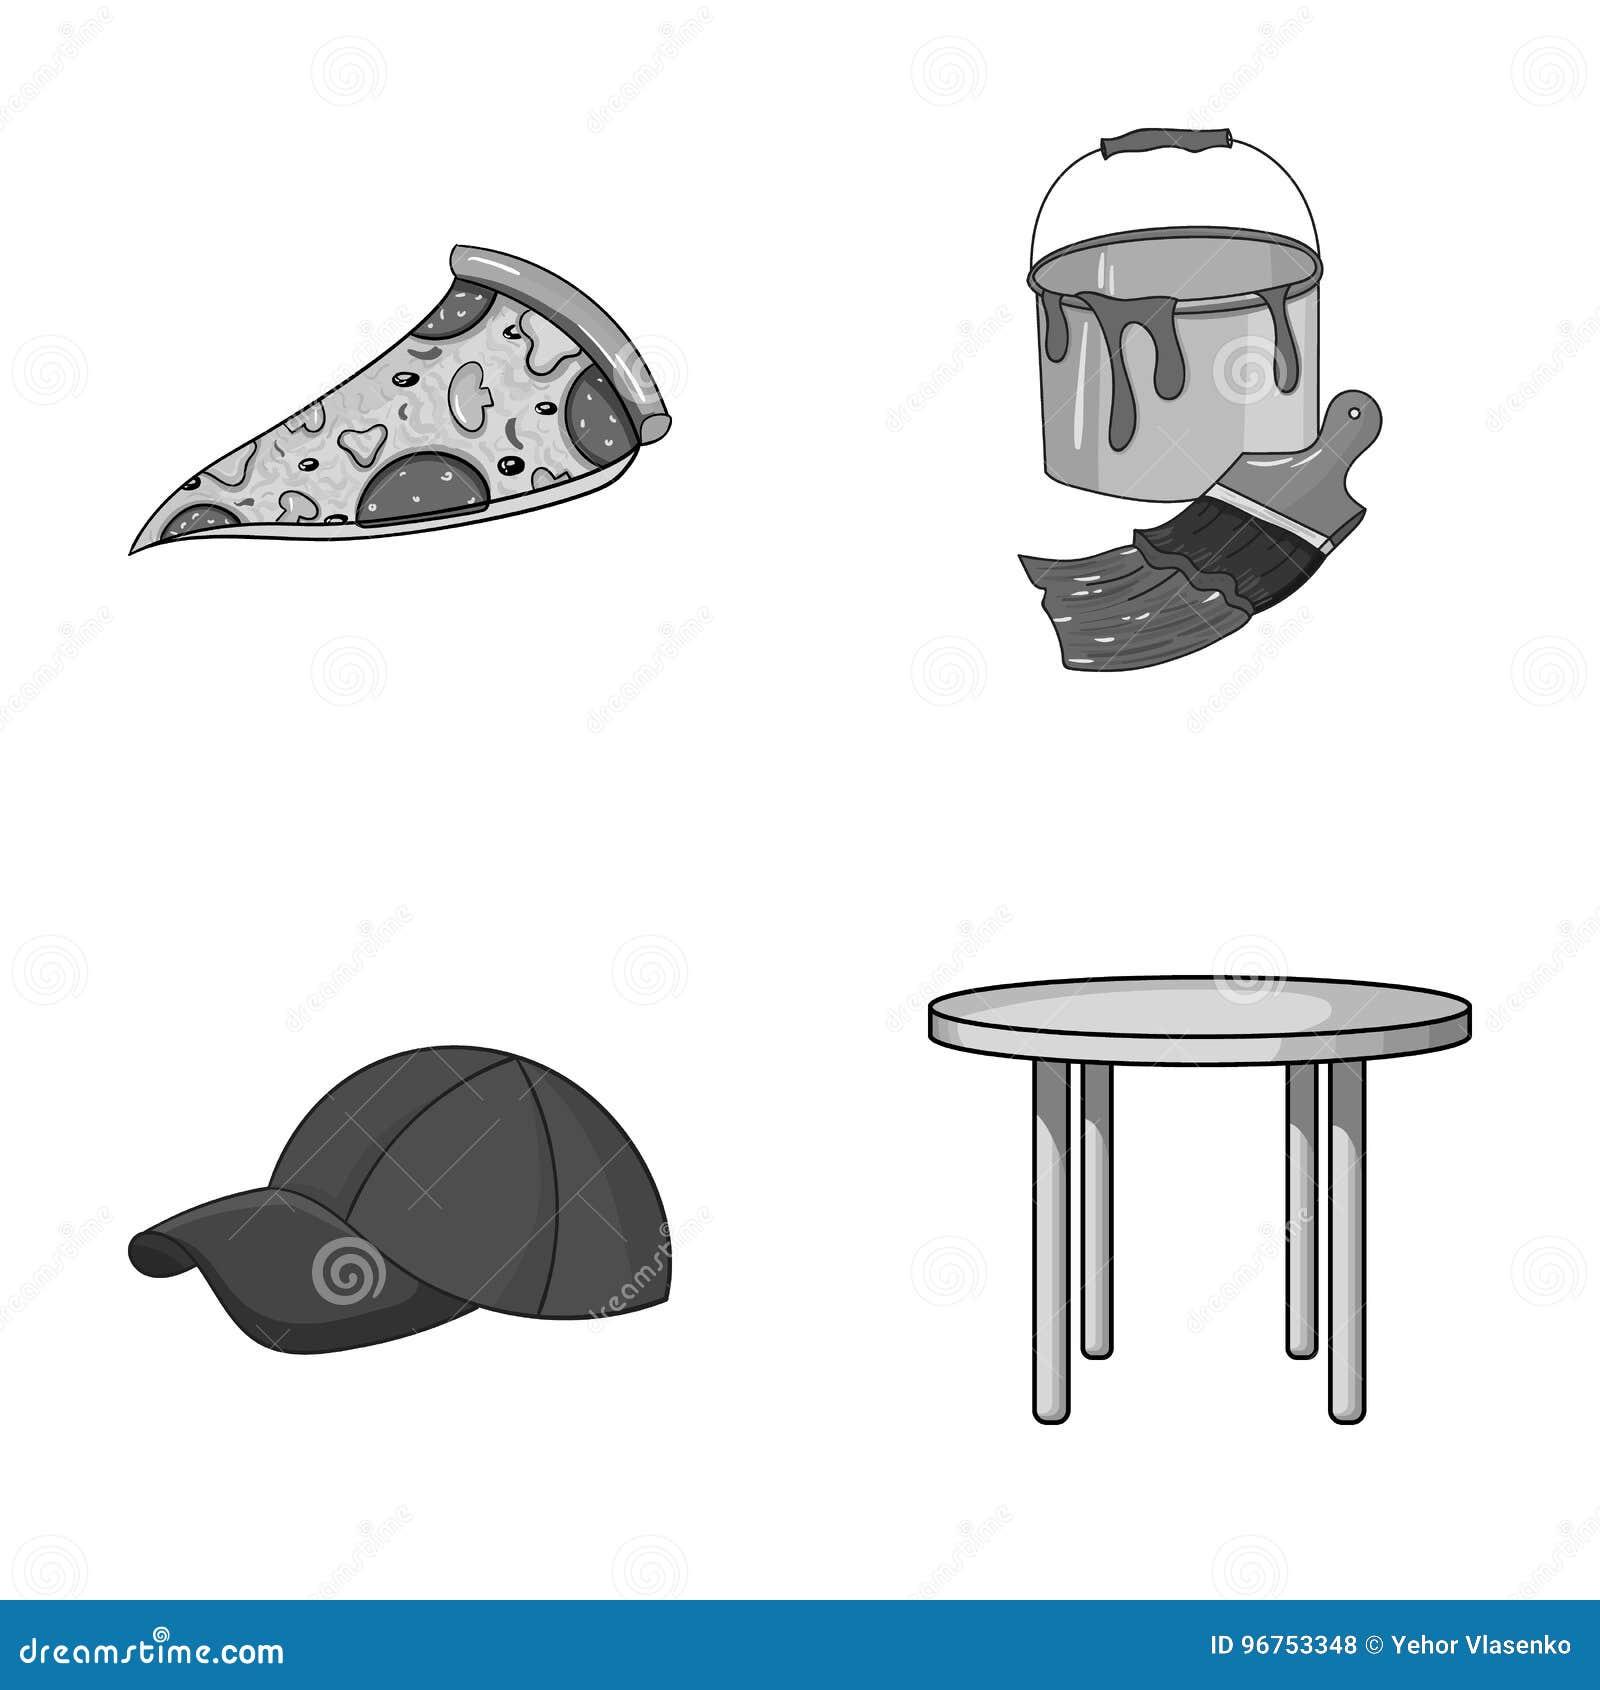 La Pizzer A La Ropa Y El Otro Icono Monocrom Tico En Estilo De La  # Muebles Pizzeria